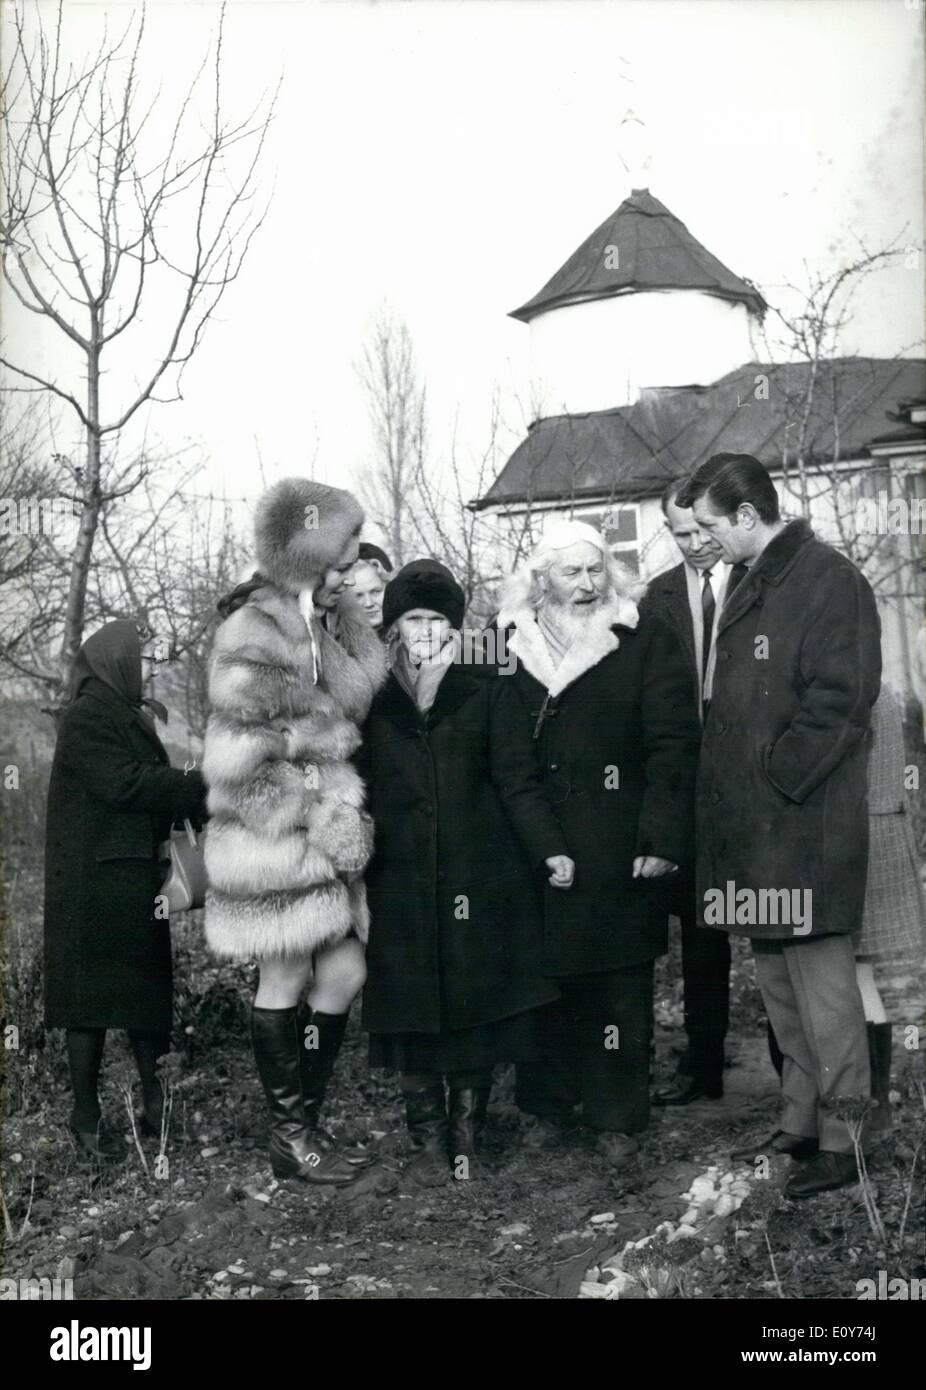 7054cd1935a5d Dezember 1968 - V? Terchen Timofej und seine Schwester Natascha, lebte in  einer kleinen Kapelle in Olympiaberg ohne fliessendes Wasser oder  elektrisches ...